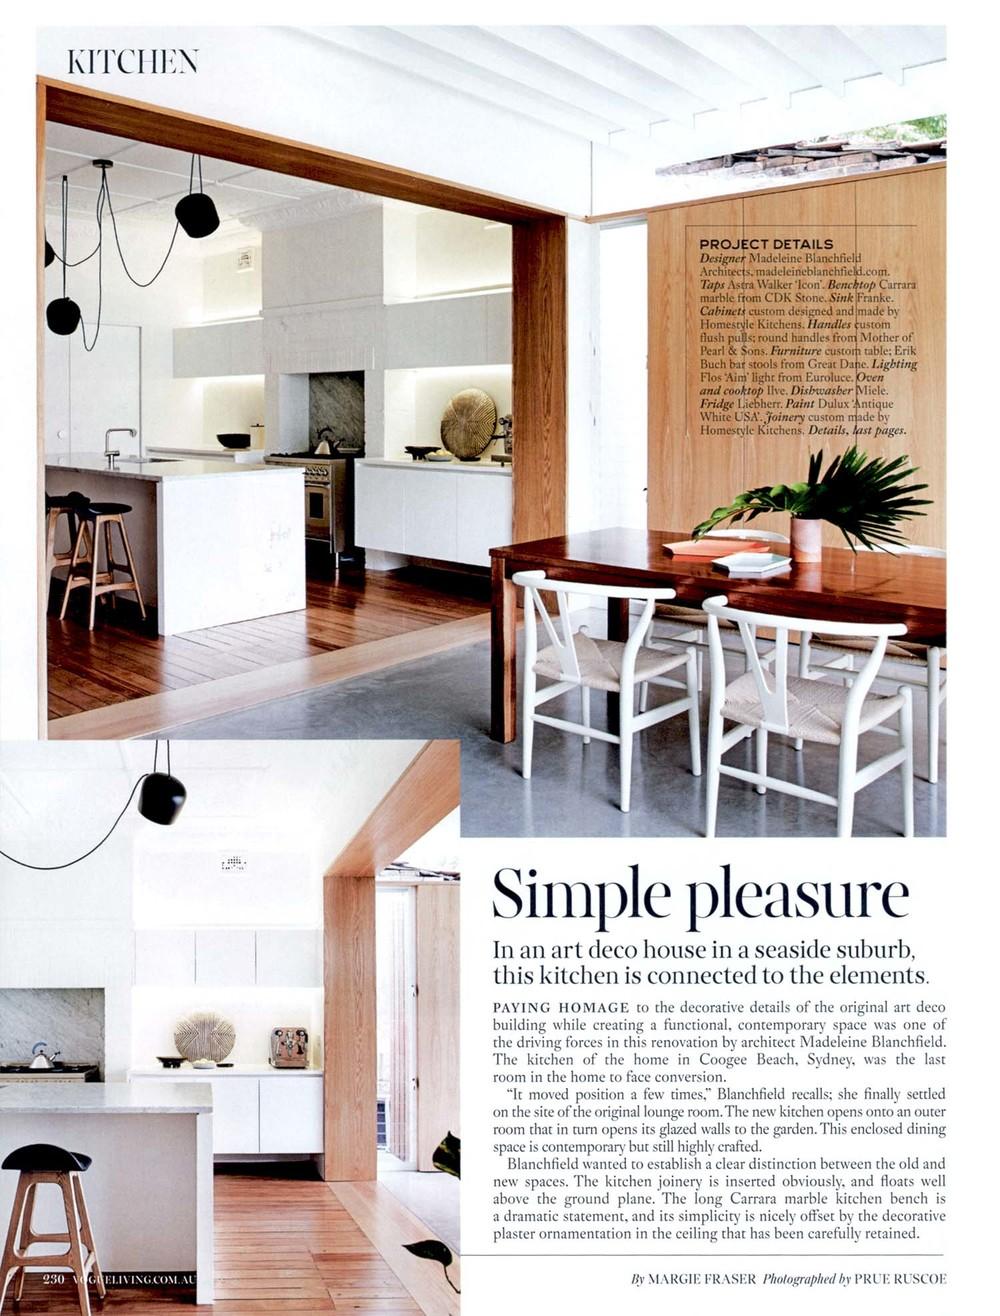 Madeleine-Blanchfield-Architects-vogue inside.jpg